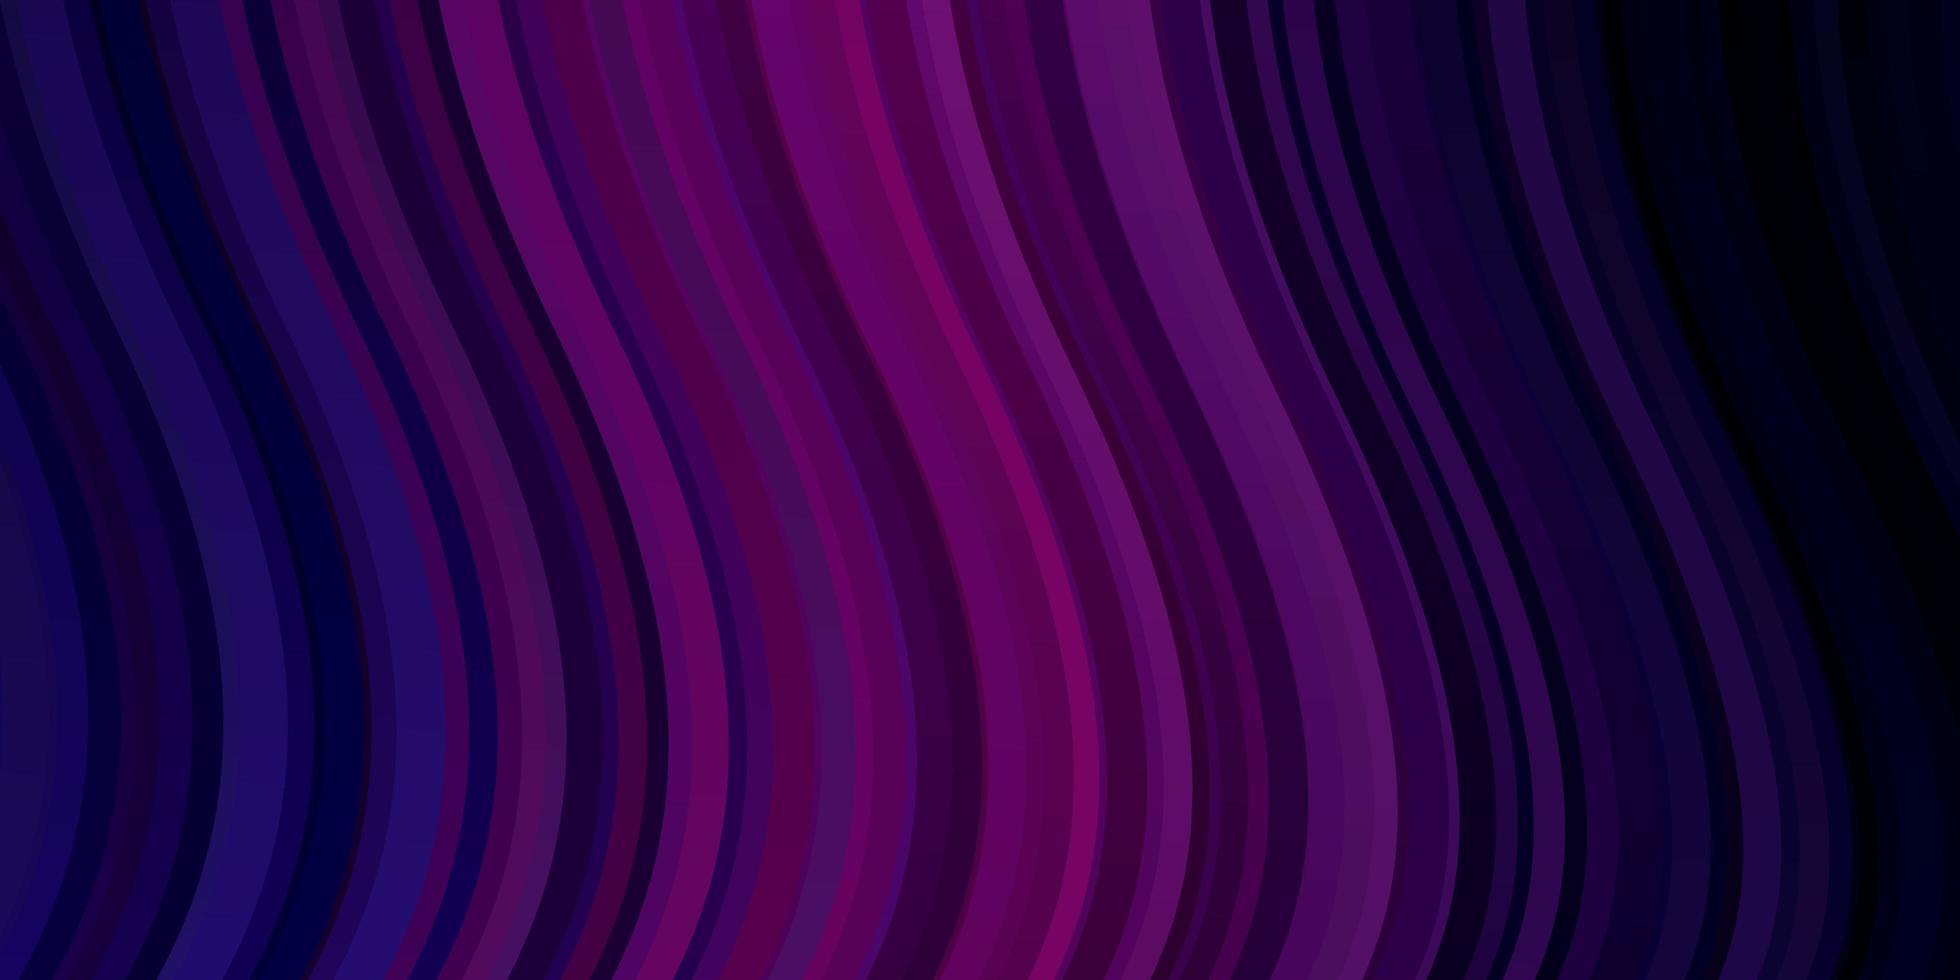 trama vettoriale viola scuro, rosa con linee ironiche.